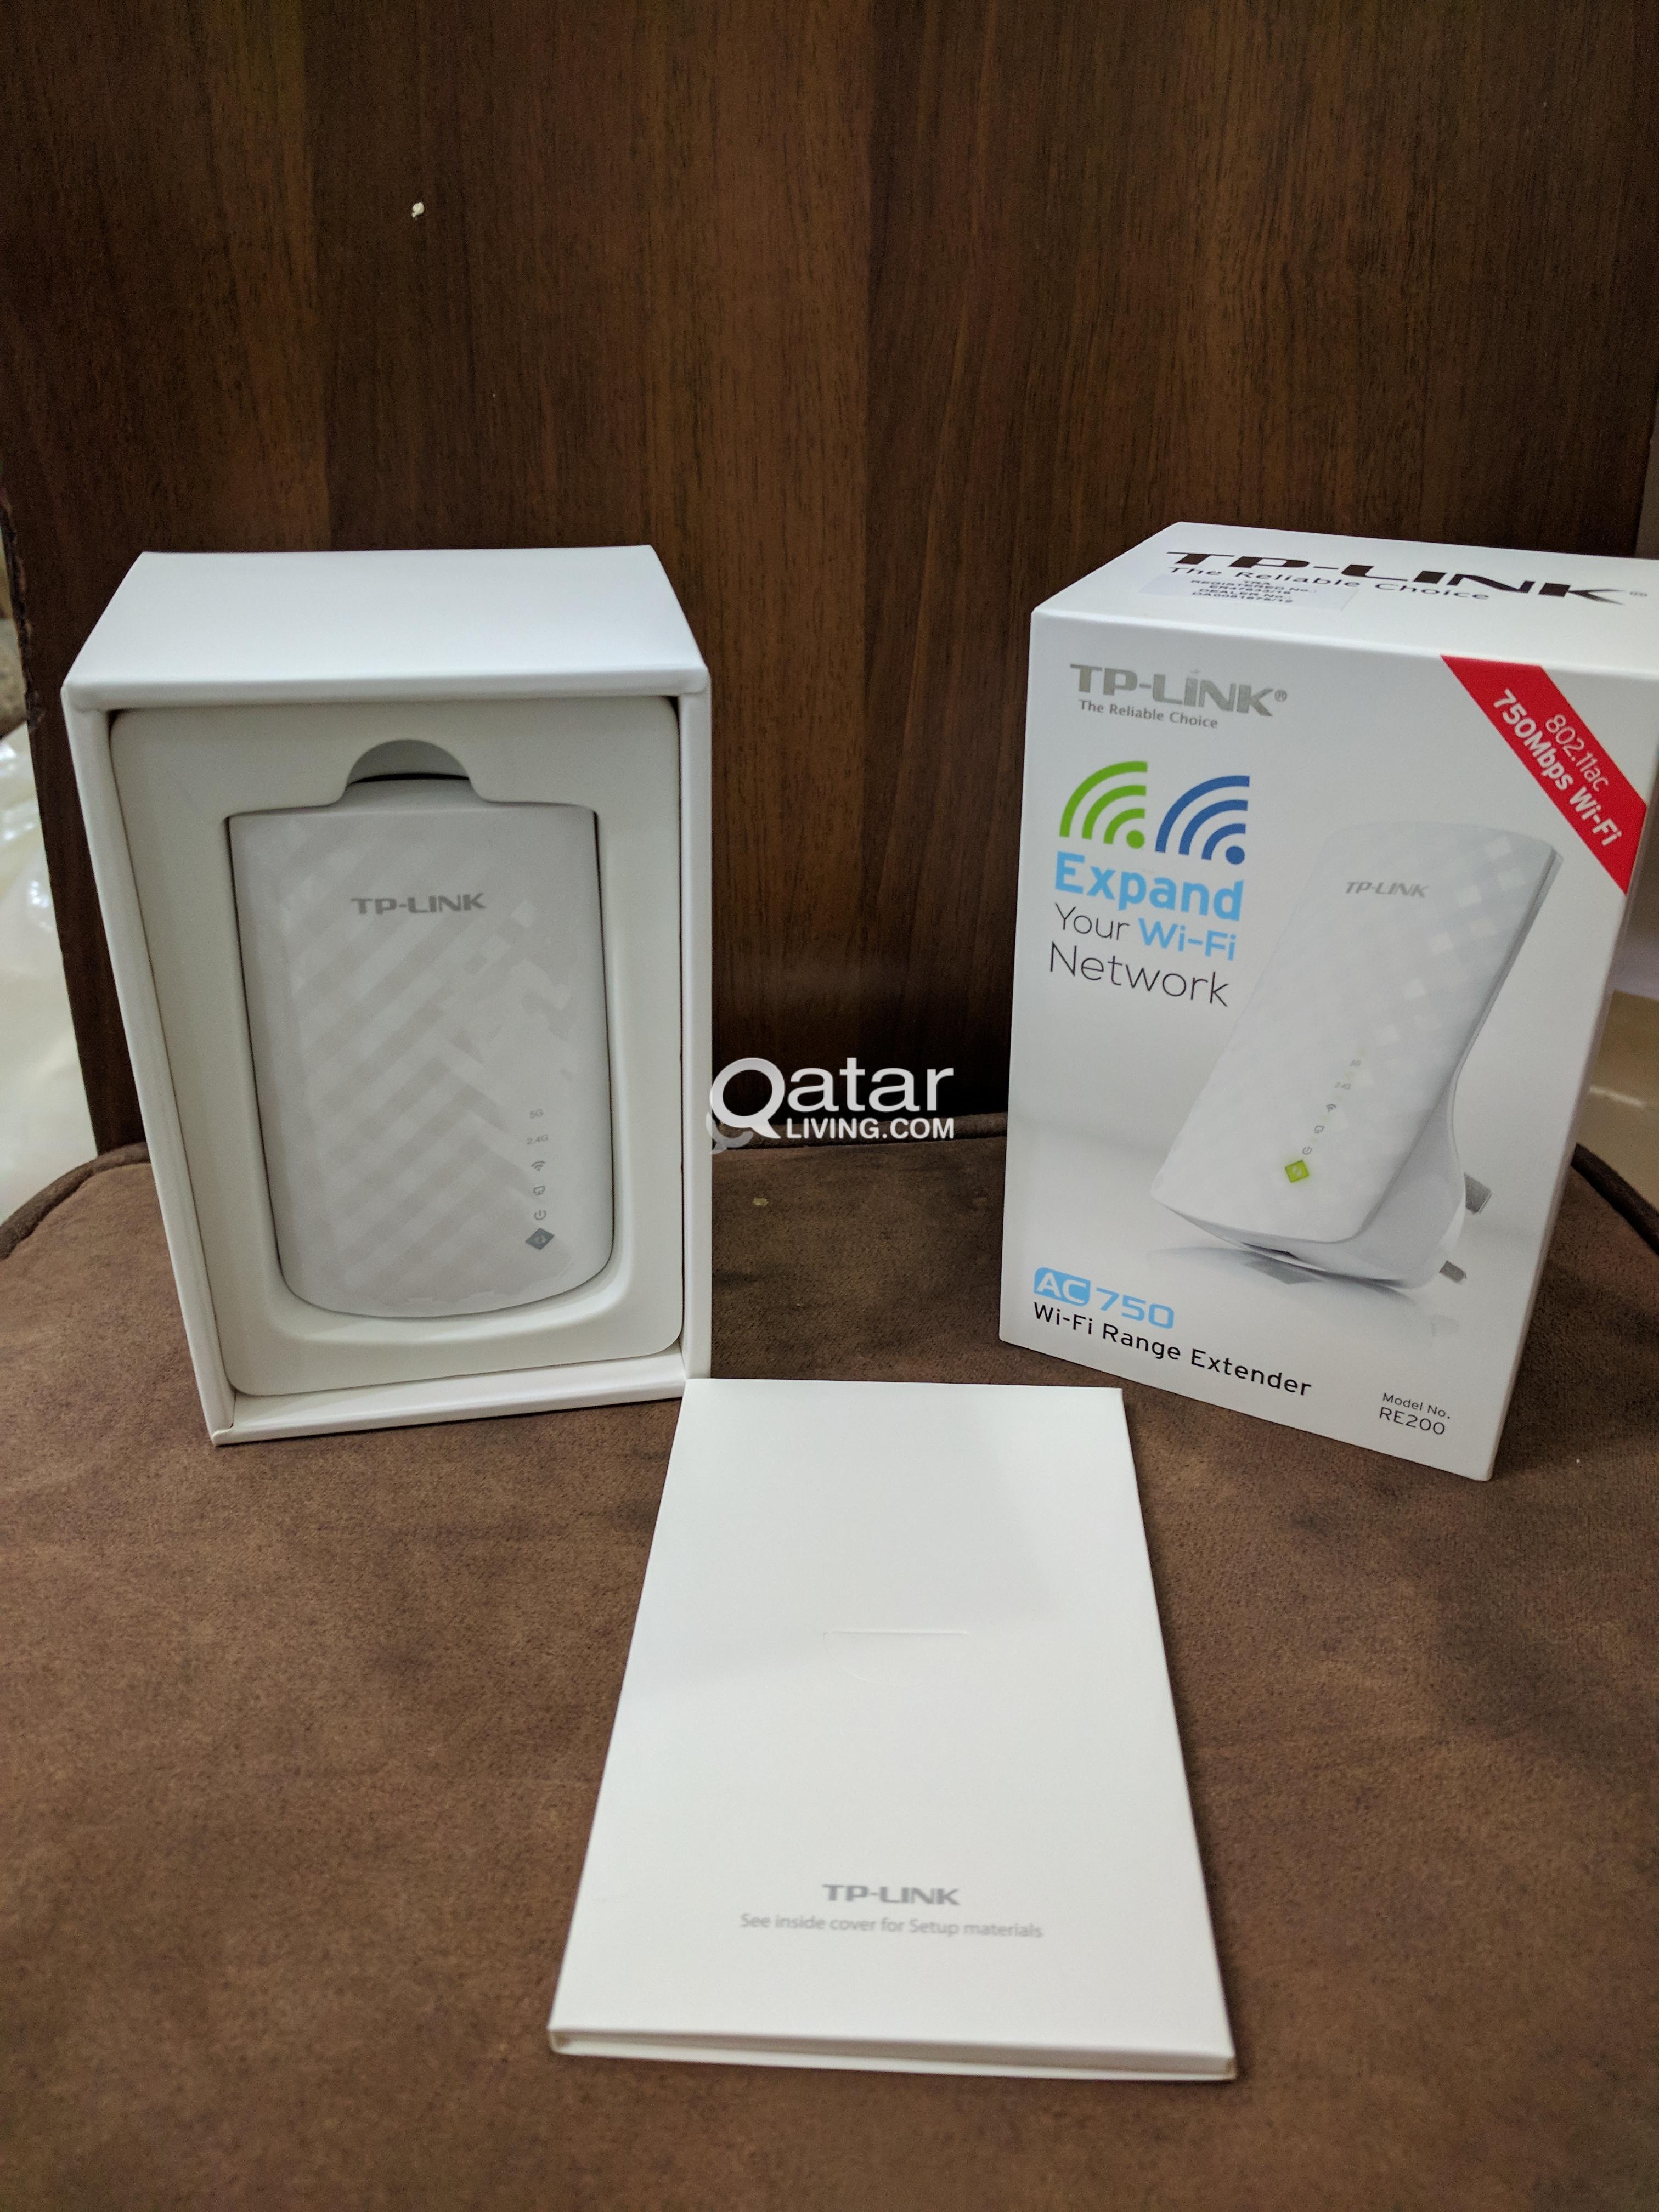 Brand New WiFi Extender 5G 2 4G 750 Mbps!   Qatar Living